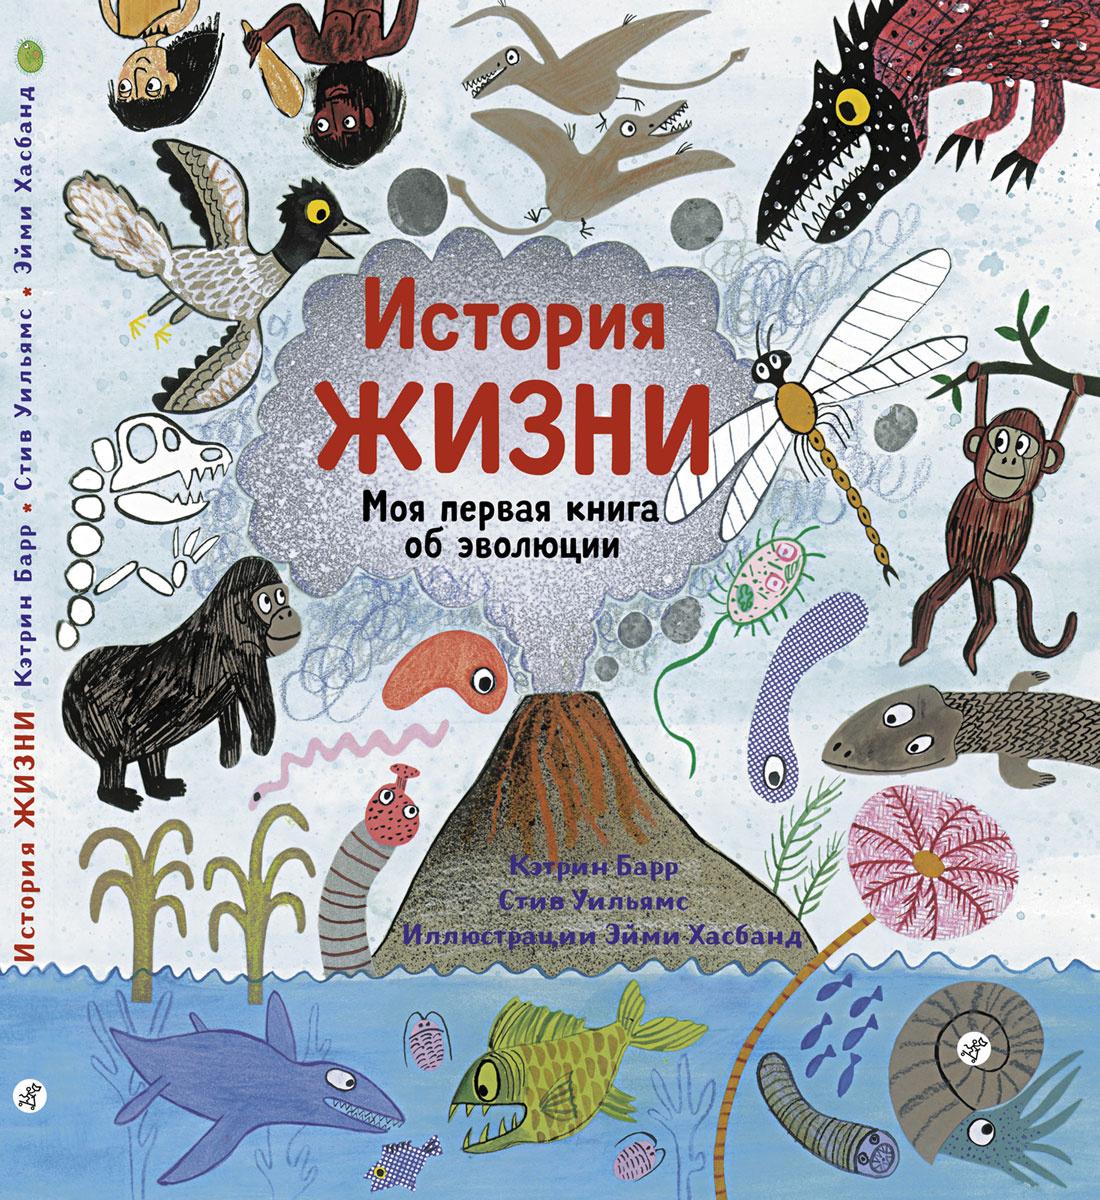 История жизни. Моя первая книга об эволюции   Барр Кэтрин, Уильямс Стив  #1